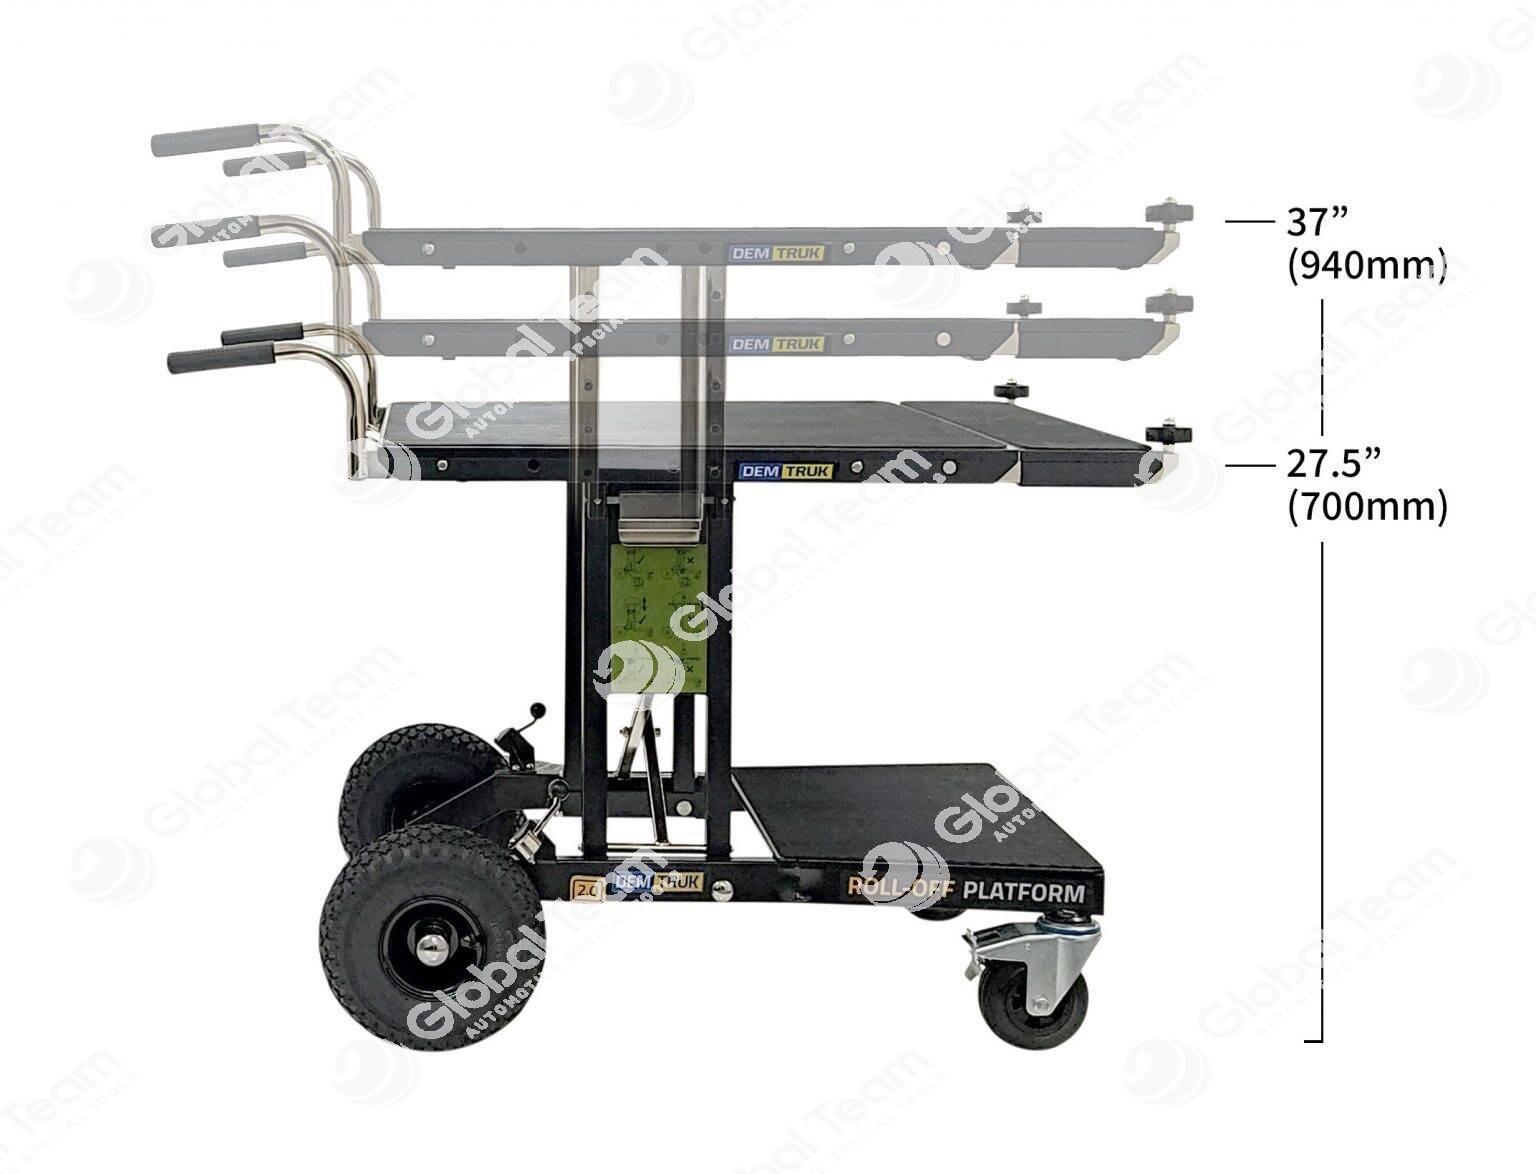 Tavolo a carrello a pianale rimovibile con ausilio di una sola persona per carico e scarico su furgone soccorsi parti meccaniche . Variabile in altezza solo senza carico . I due miste pianale 1: 660 mm x 1200 mm  2 : 660 mm x 850 mm